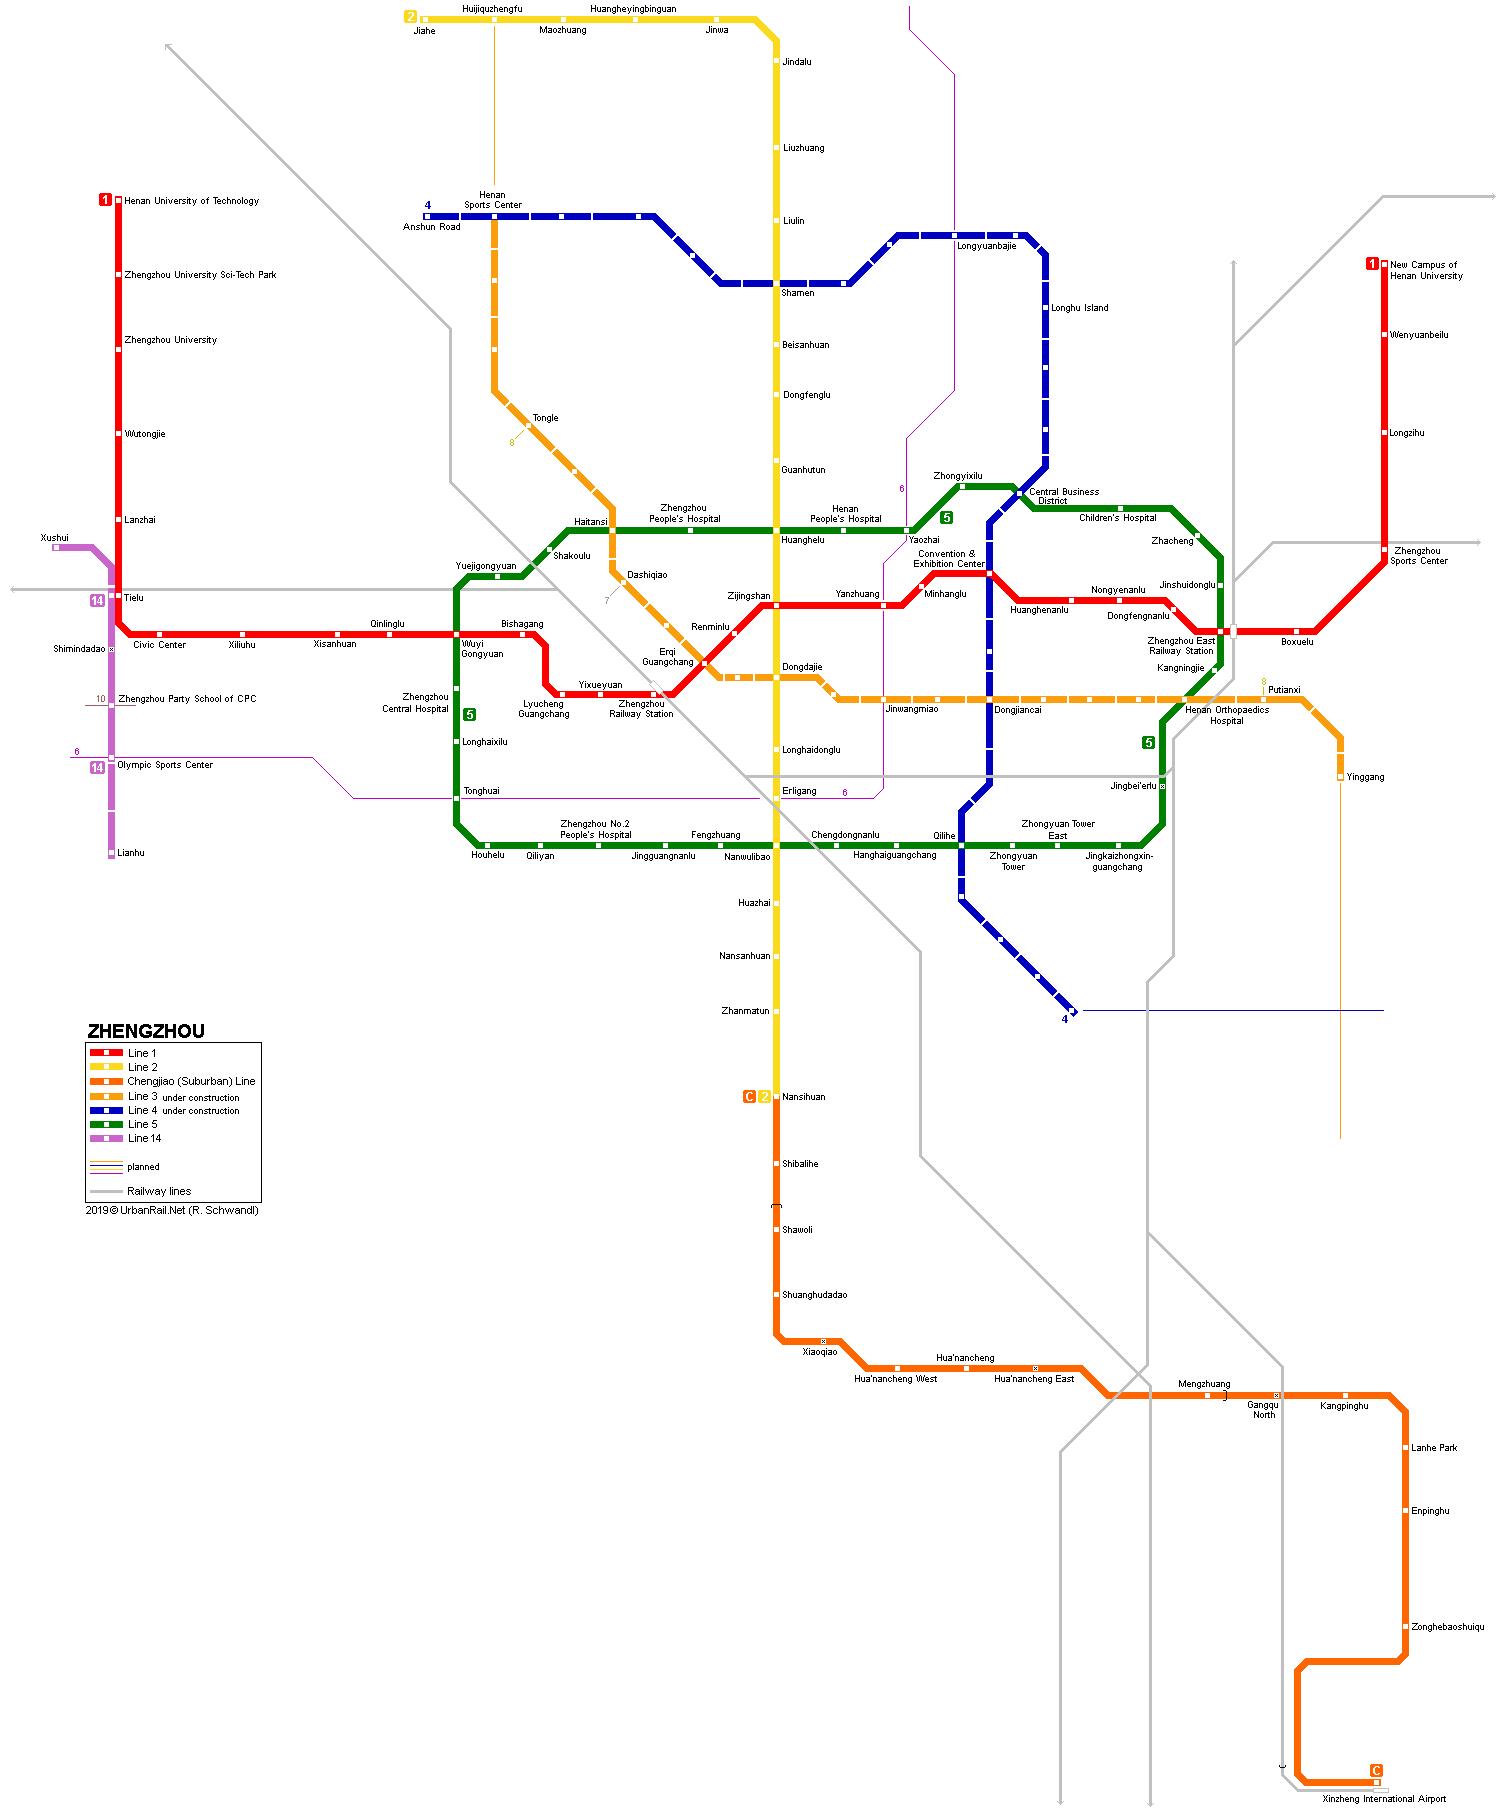 zhengzhou-metro-map.png